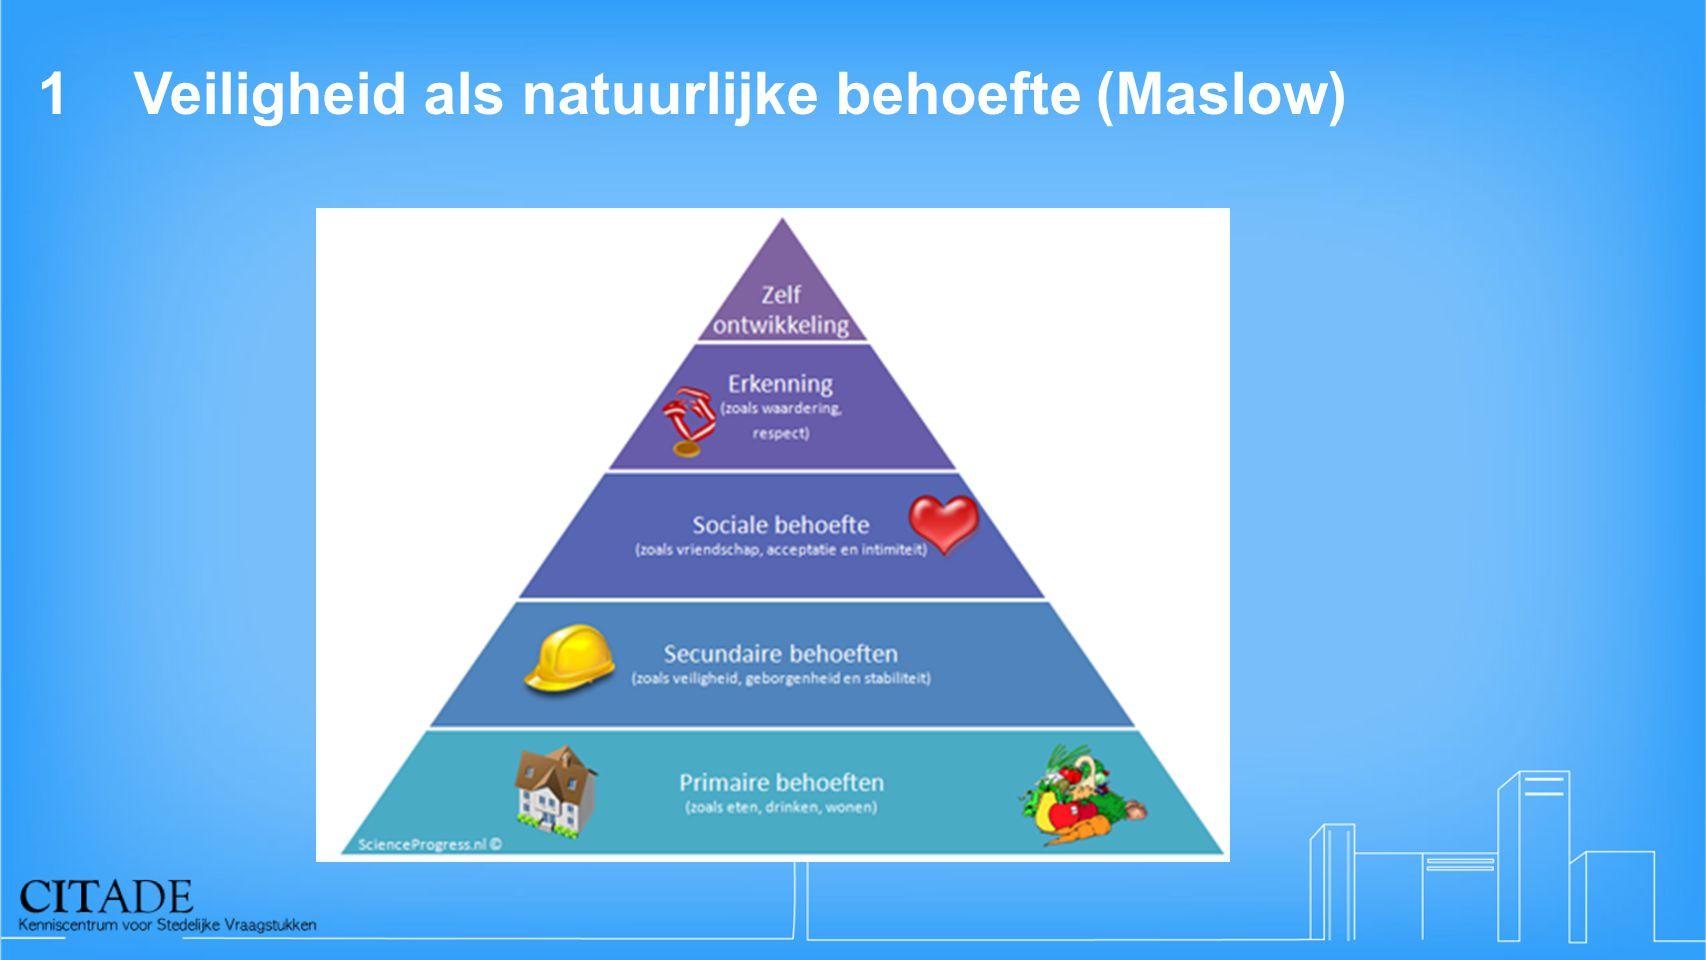 1Veiligheid als natuurlijke behoefte (Maslow)